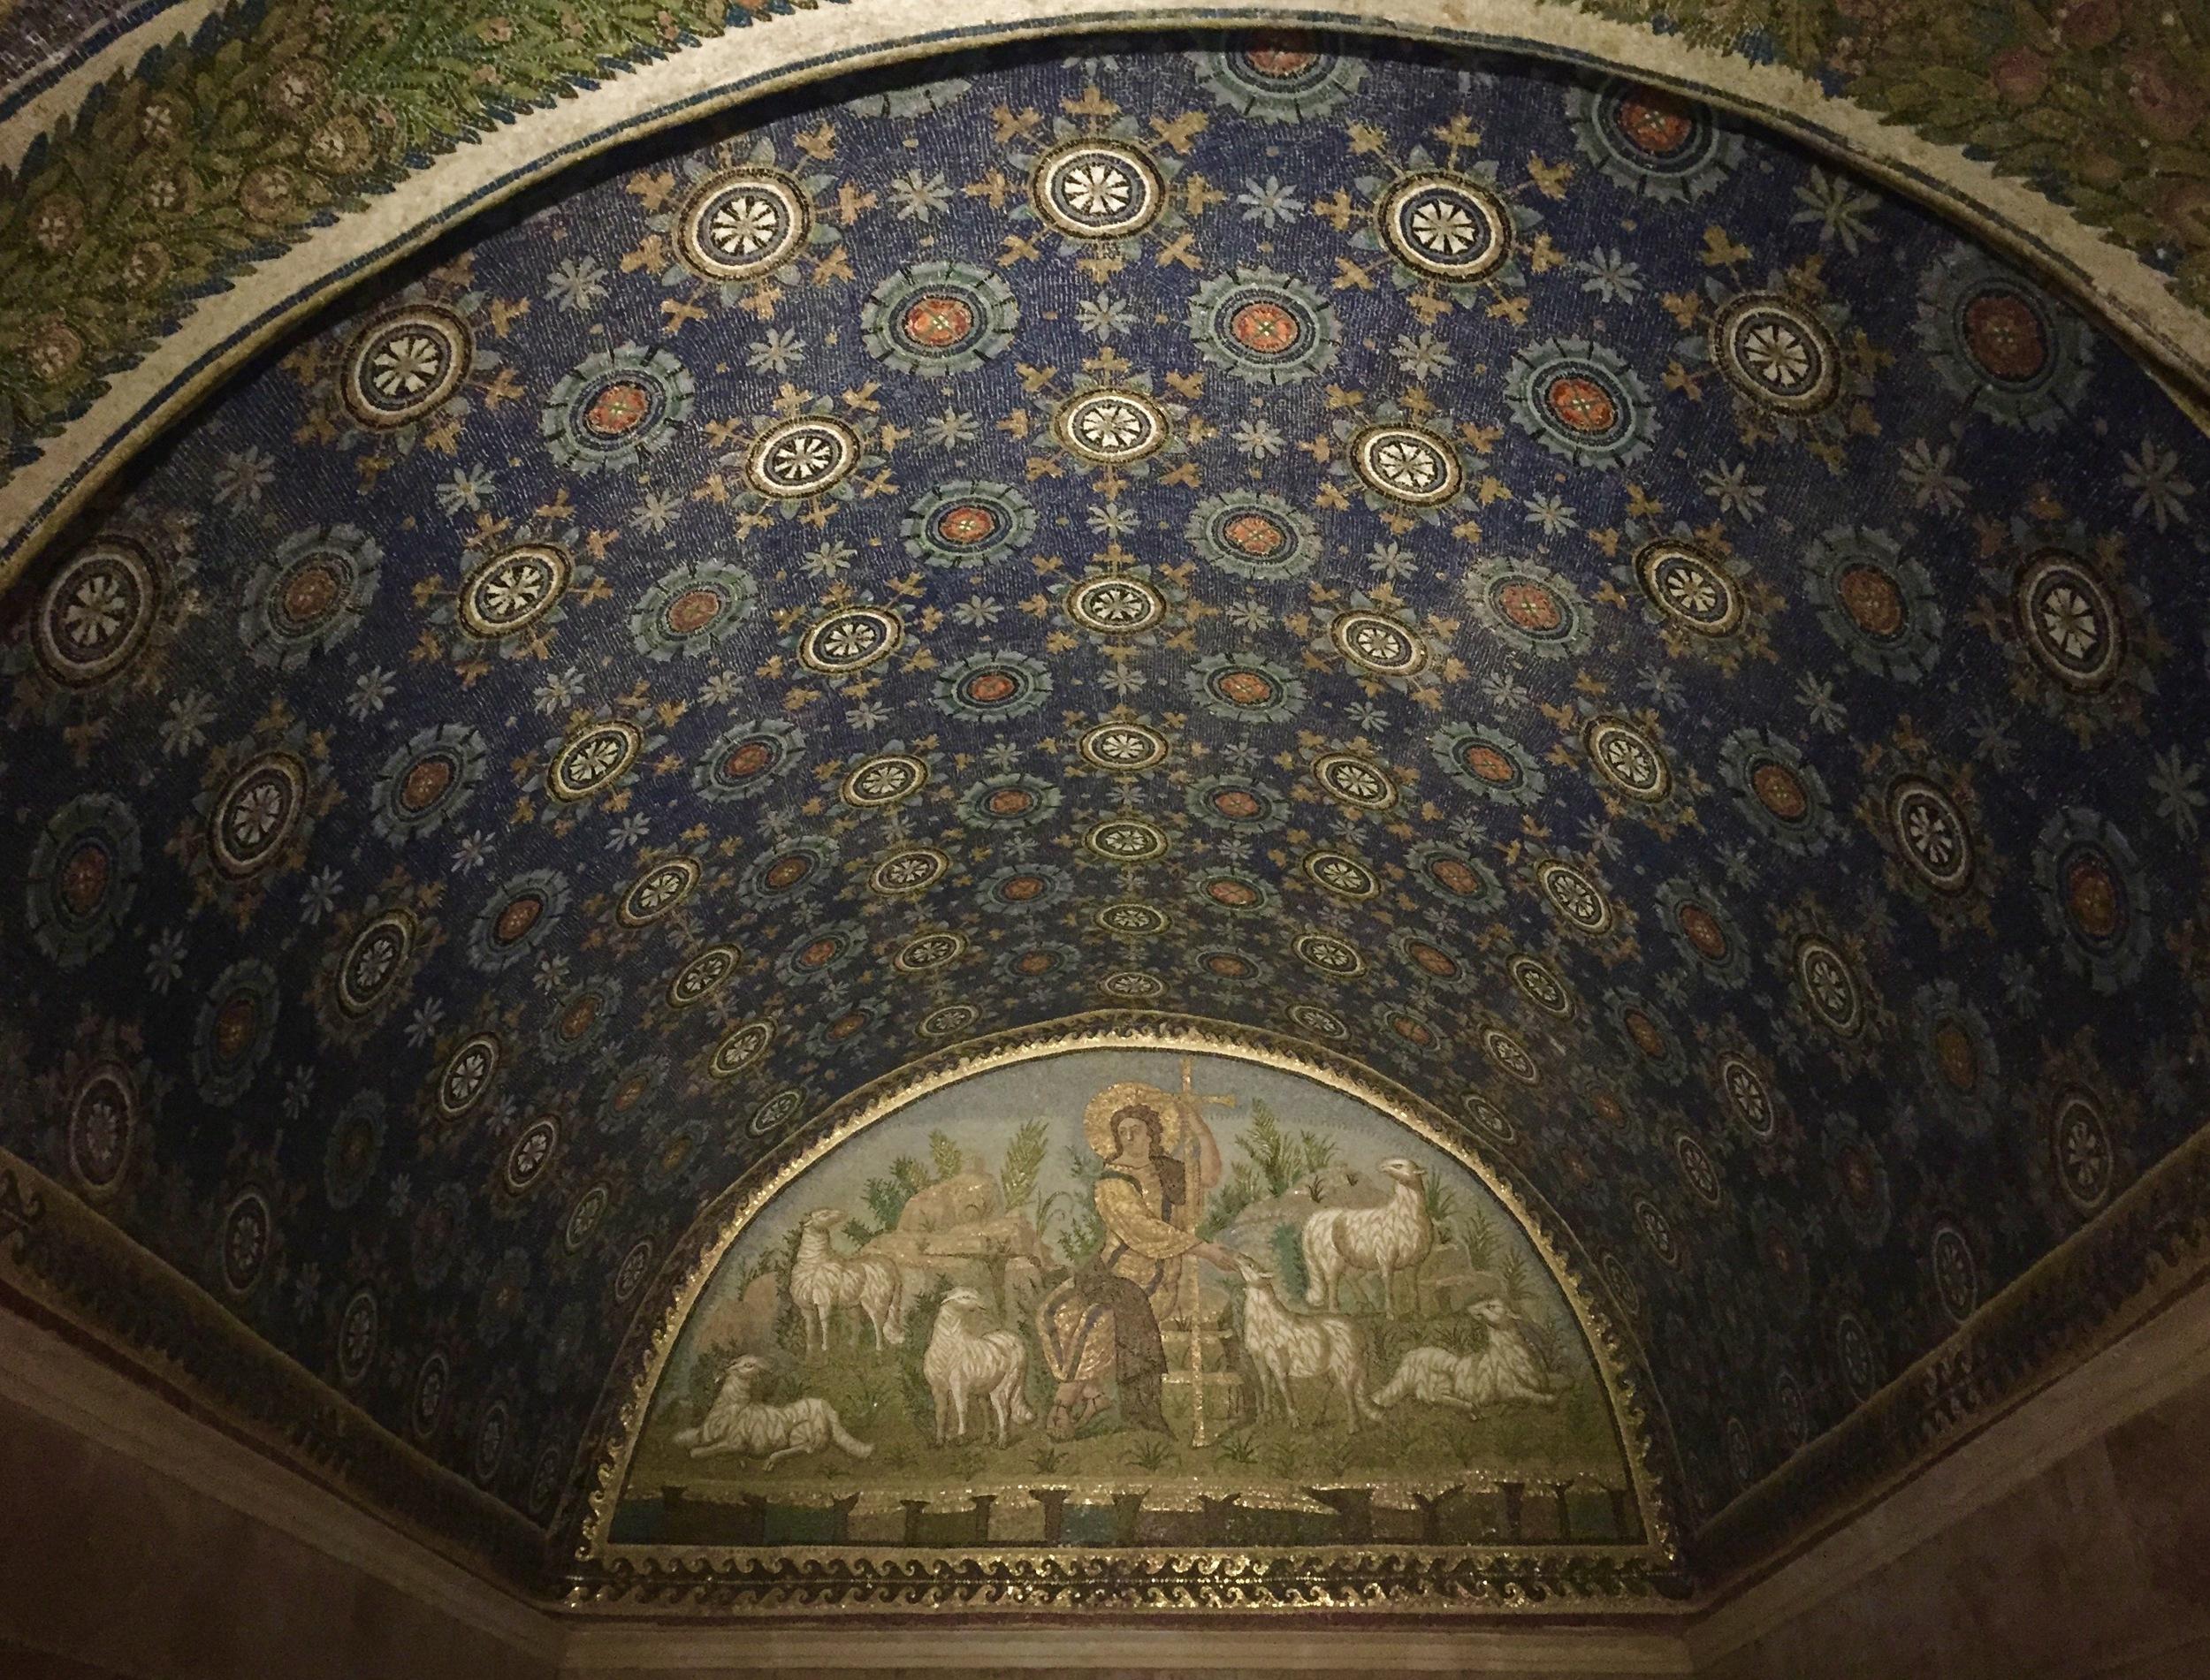 Interior of the Mausoleo di Galla Placidia, 425-450 A.D.